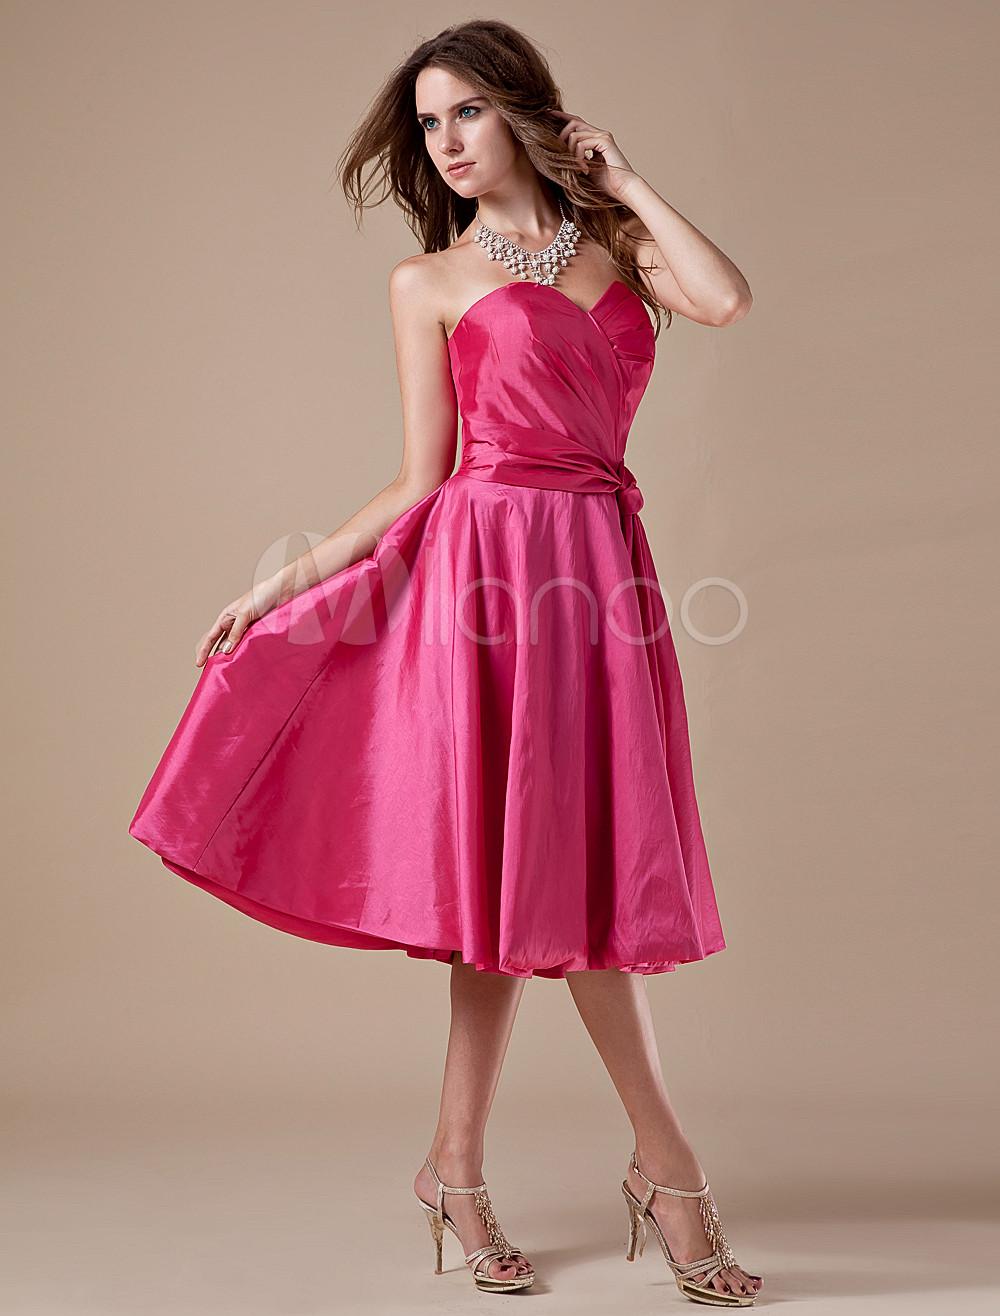 Perfecto Fotos De Vestidos De Dama De Color Rojo Composición ...